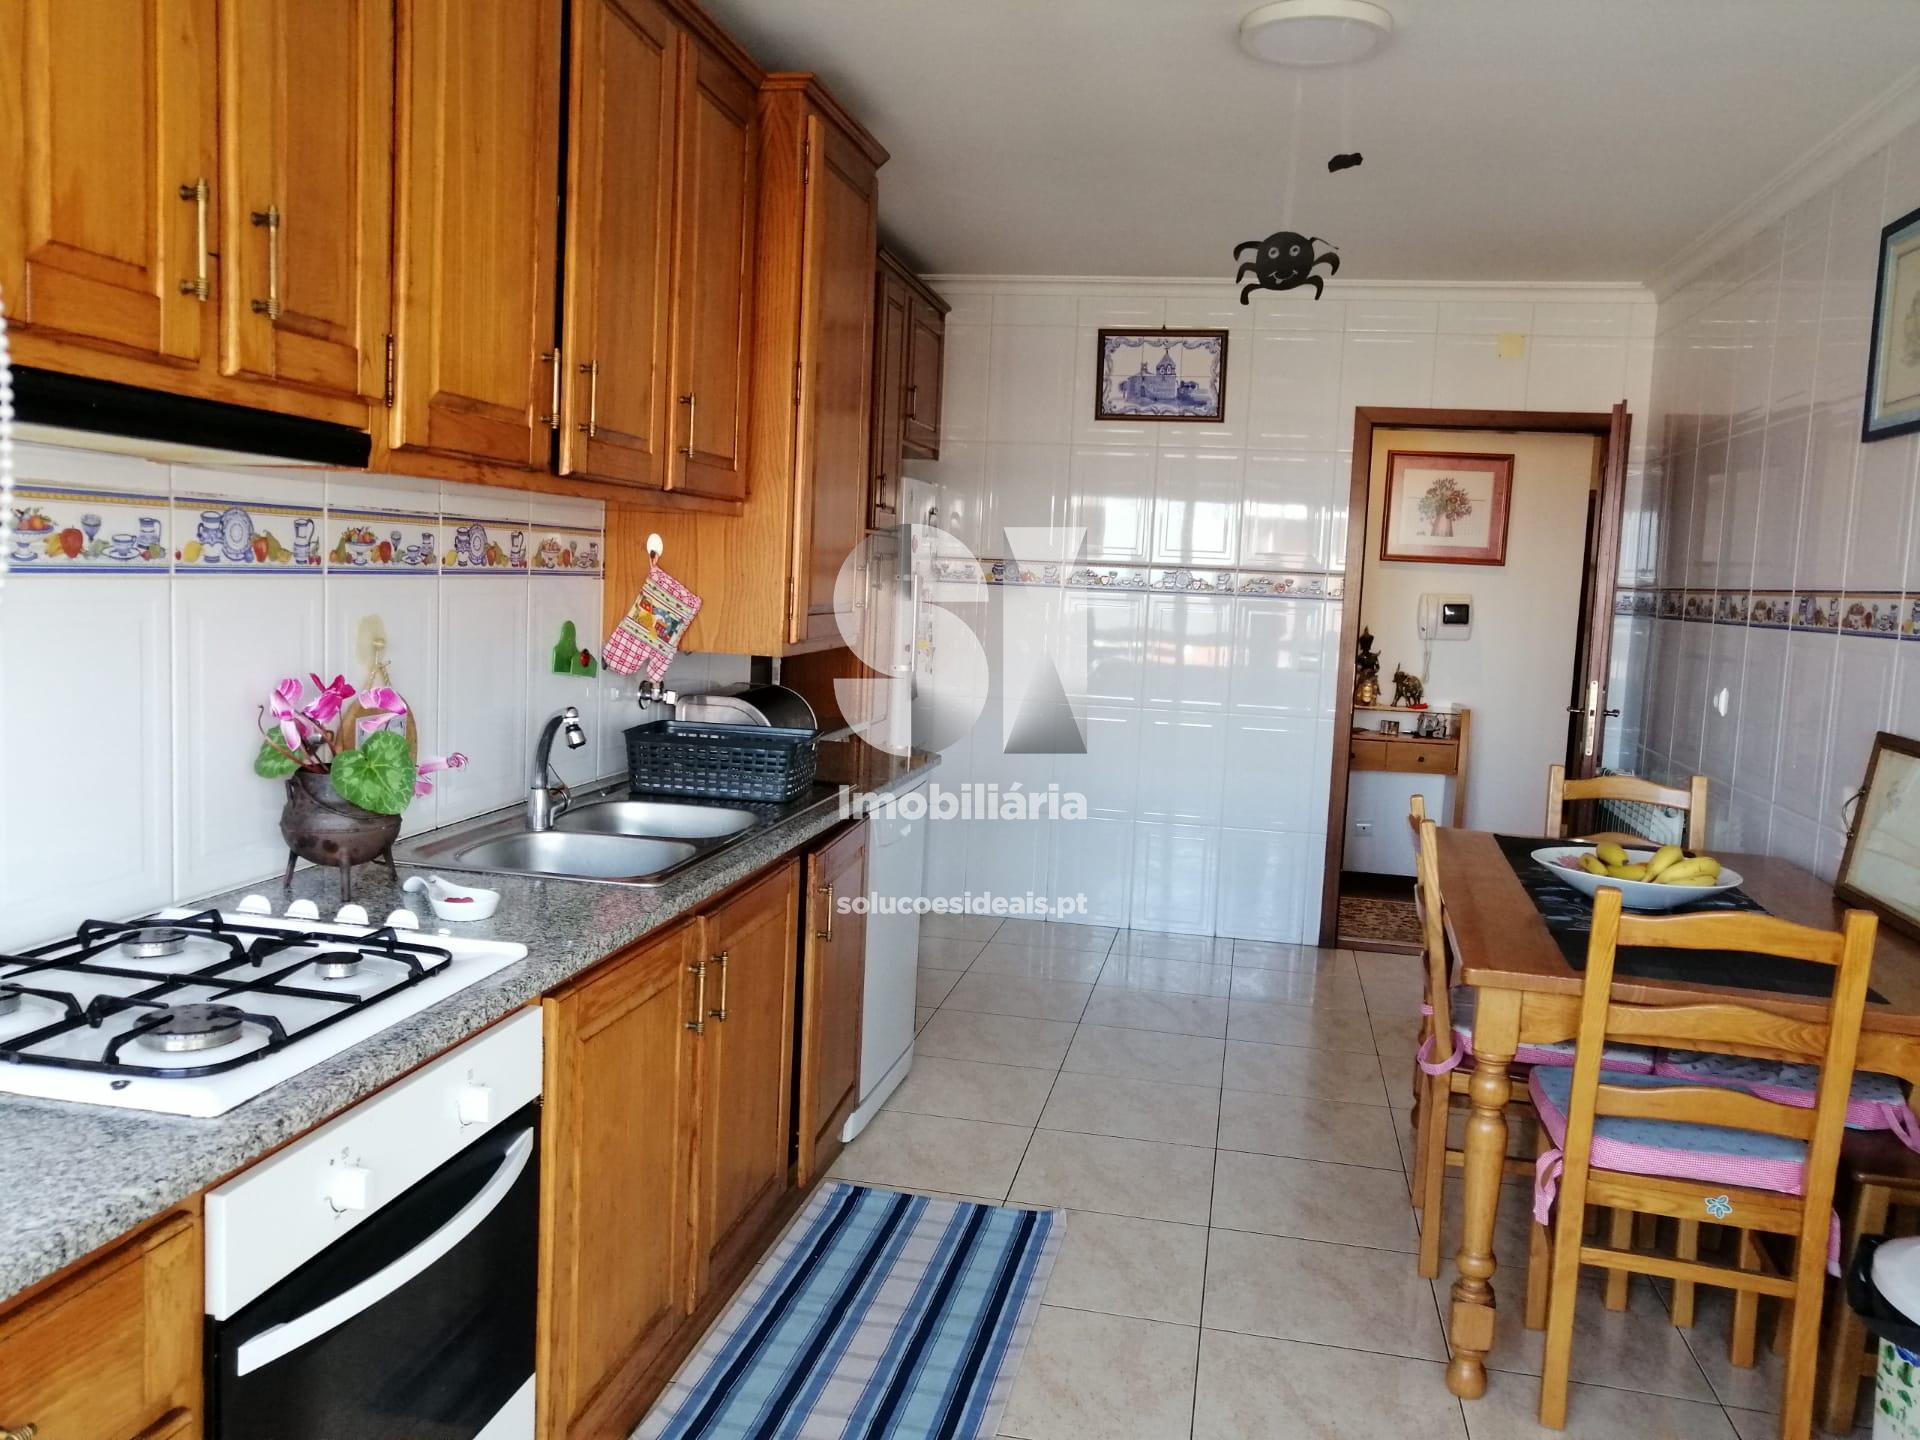 apartamento t3 para compra em guarda guarda GRDMS387